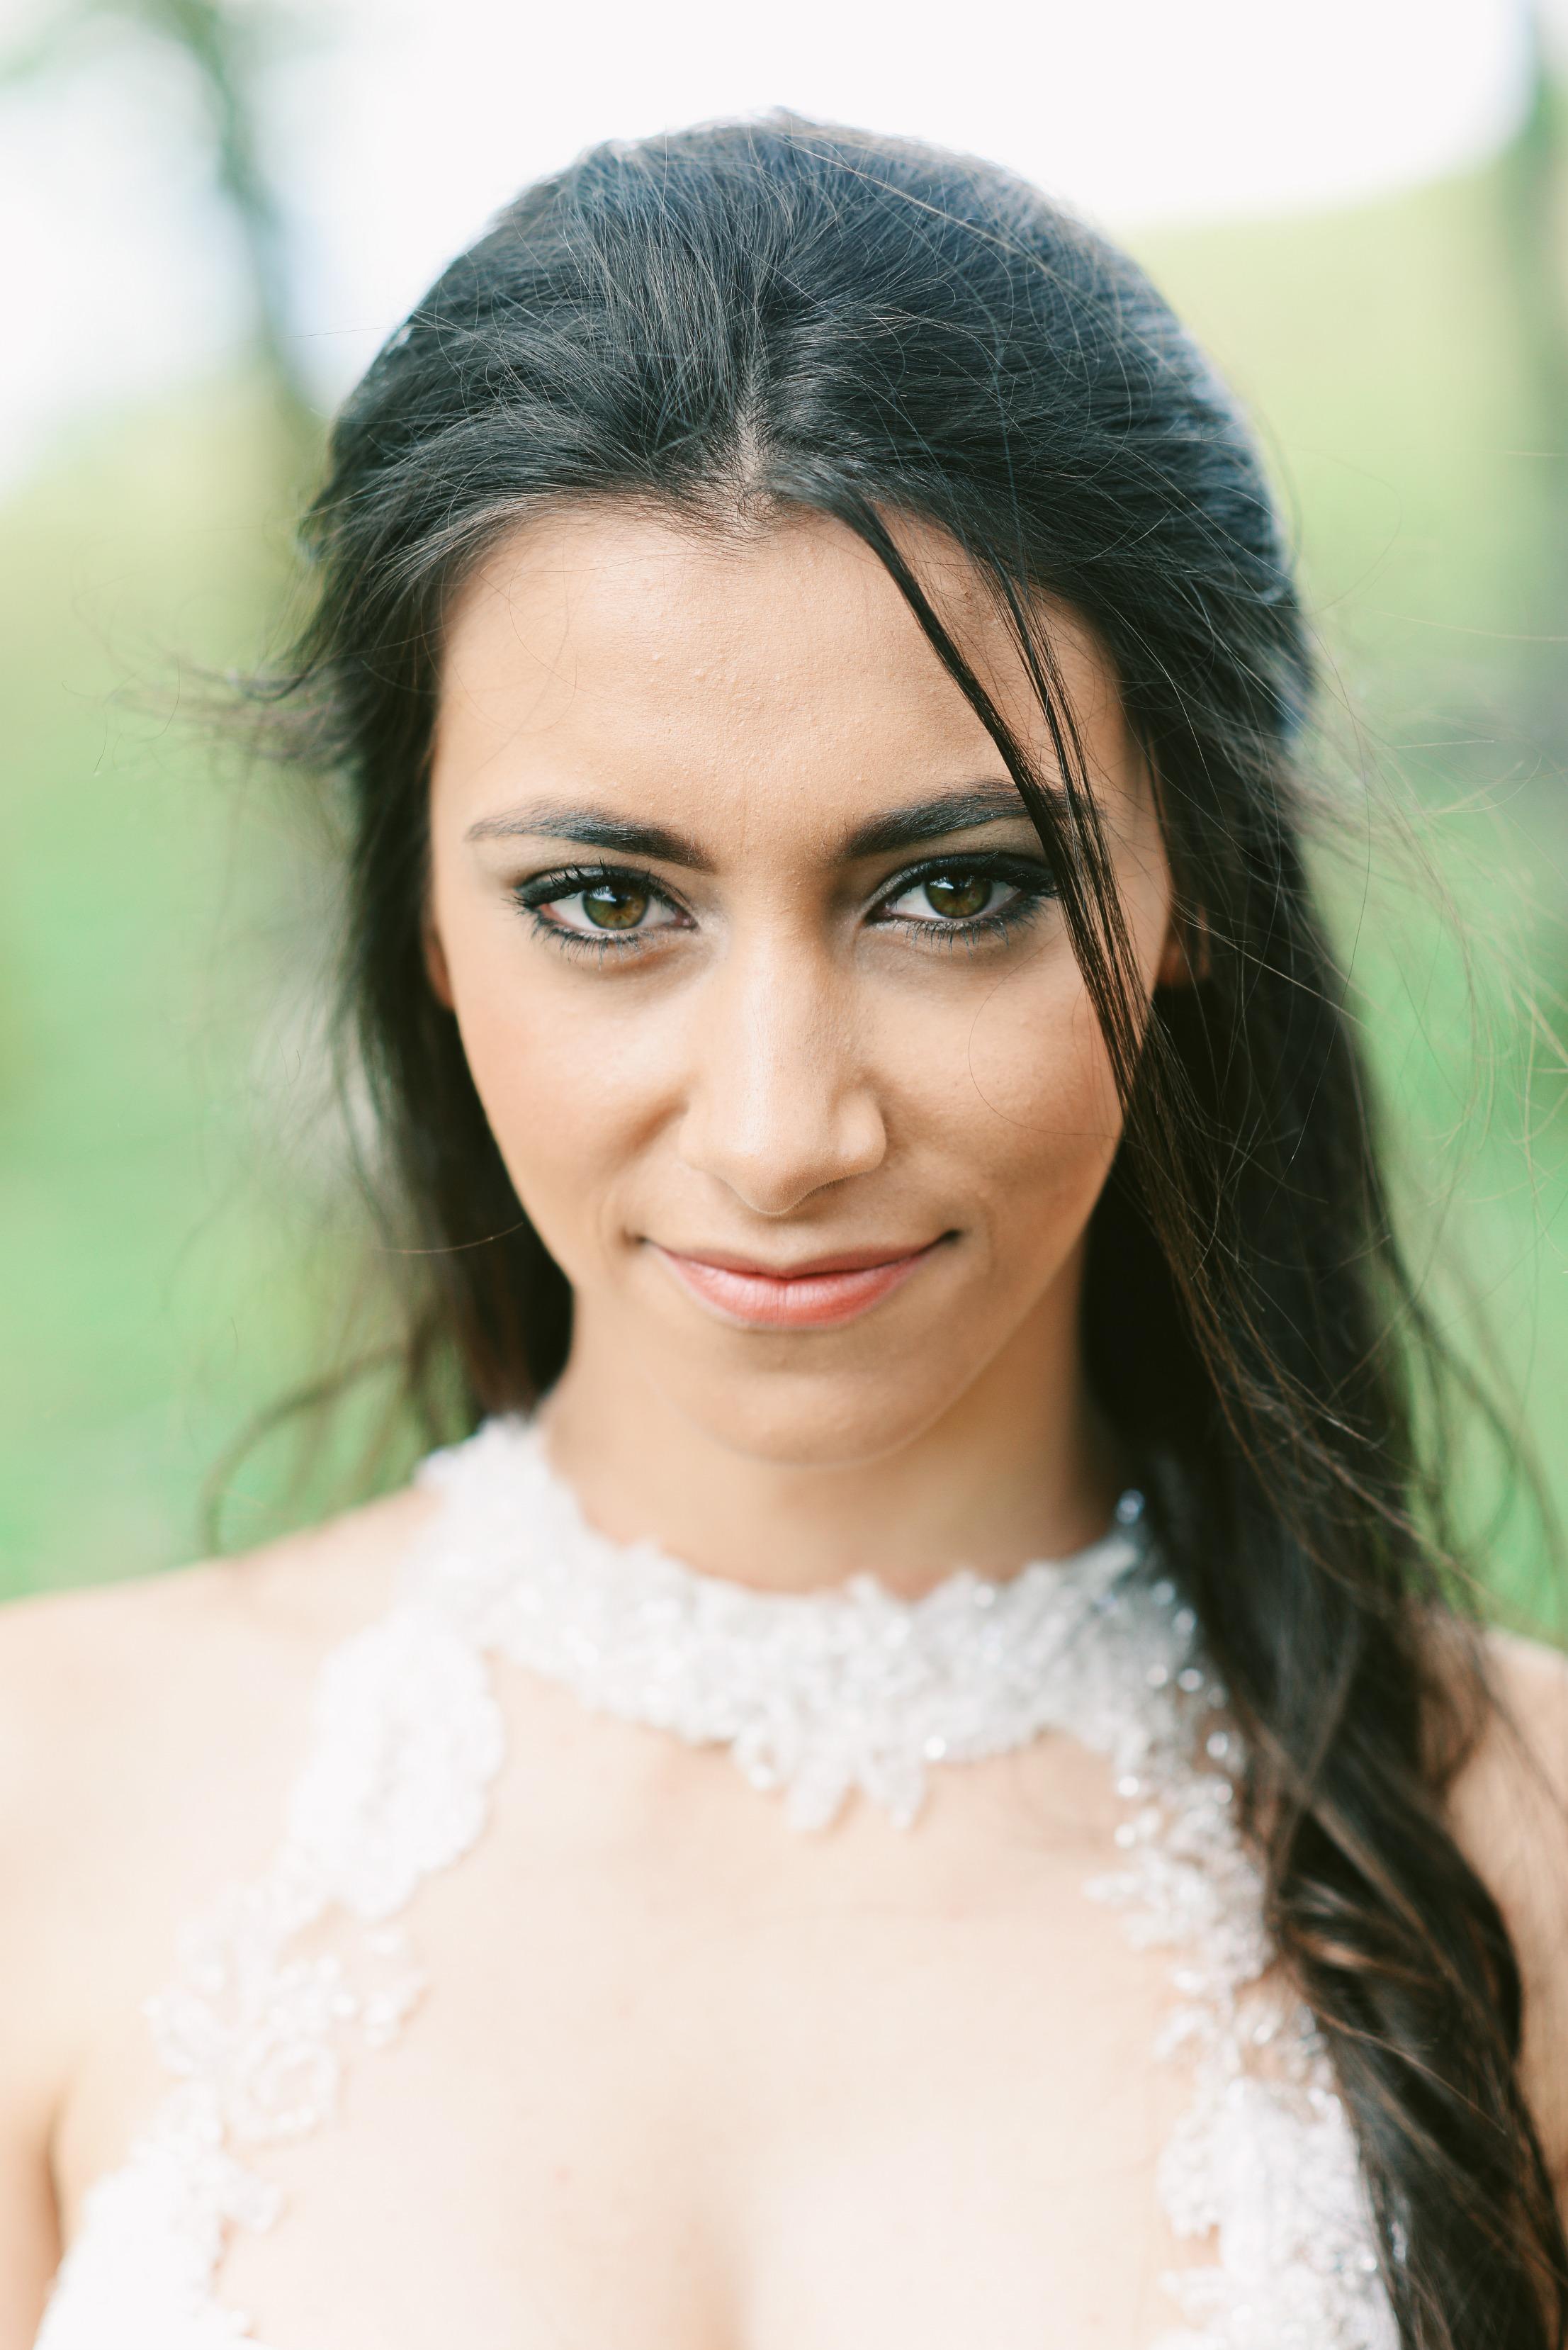 Vestido de noiva: Natália Mil-Homens Pereira para Vestidos de Sonho | Makeup e Cabelo: Marta Costa | Apoio: Xara Casamentos | Fotografia: Bruno Guimarães